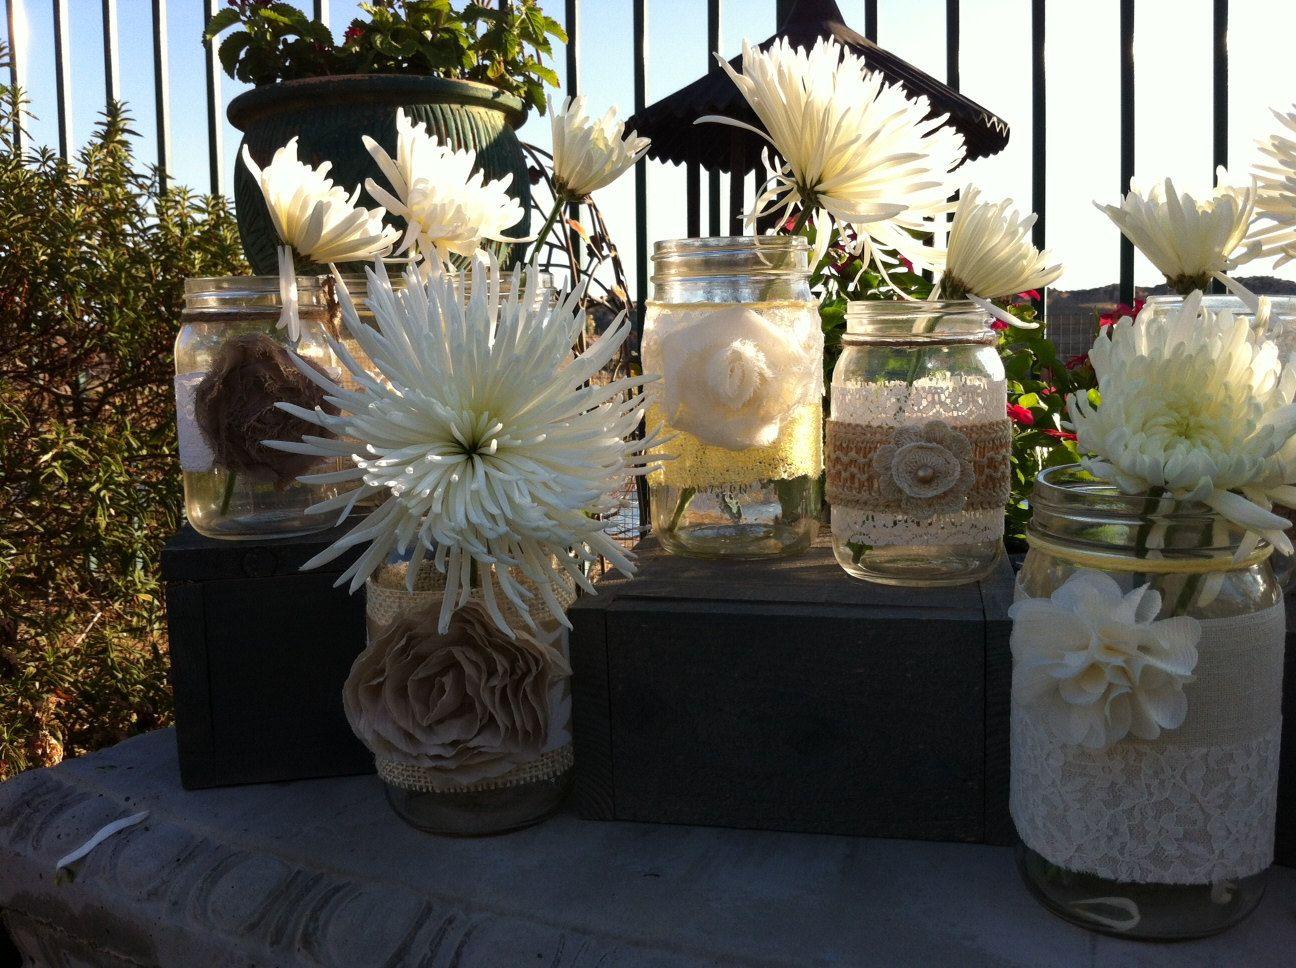 Rustic Wedding Decor 15 Bulk Burlap Lace Mason Jars For Wedding